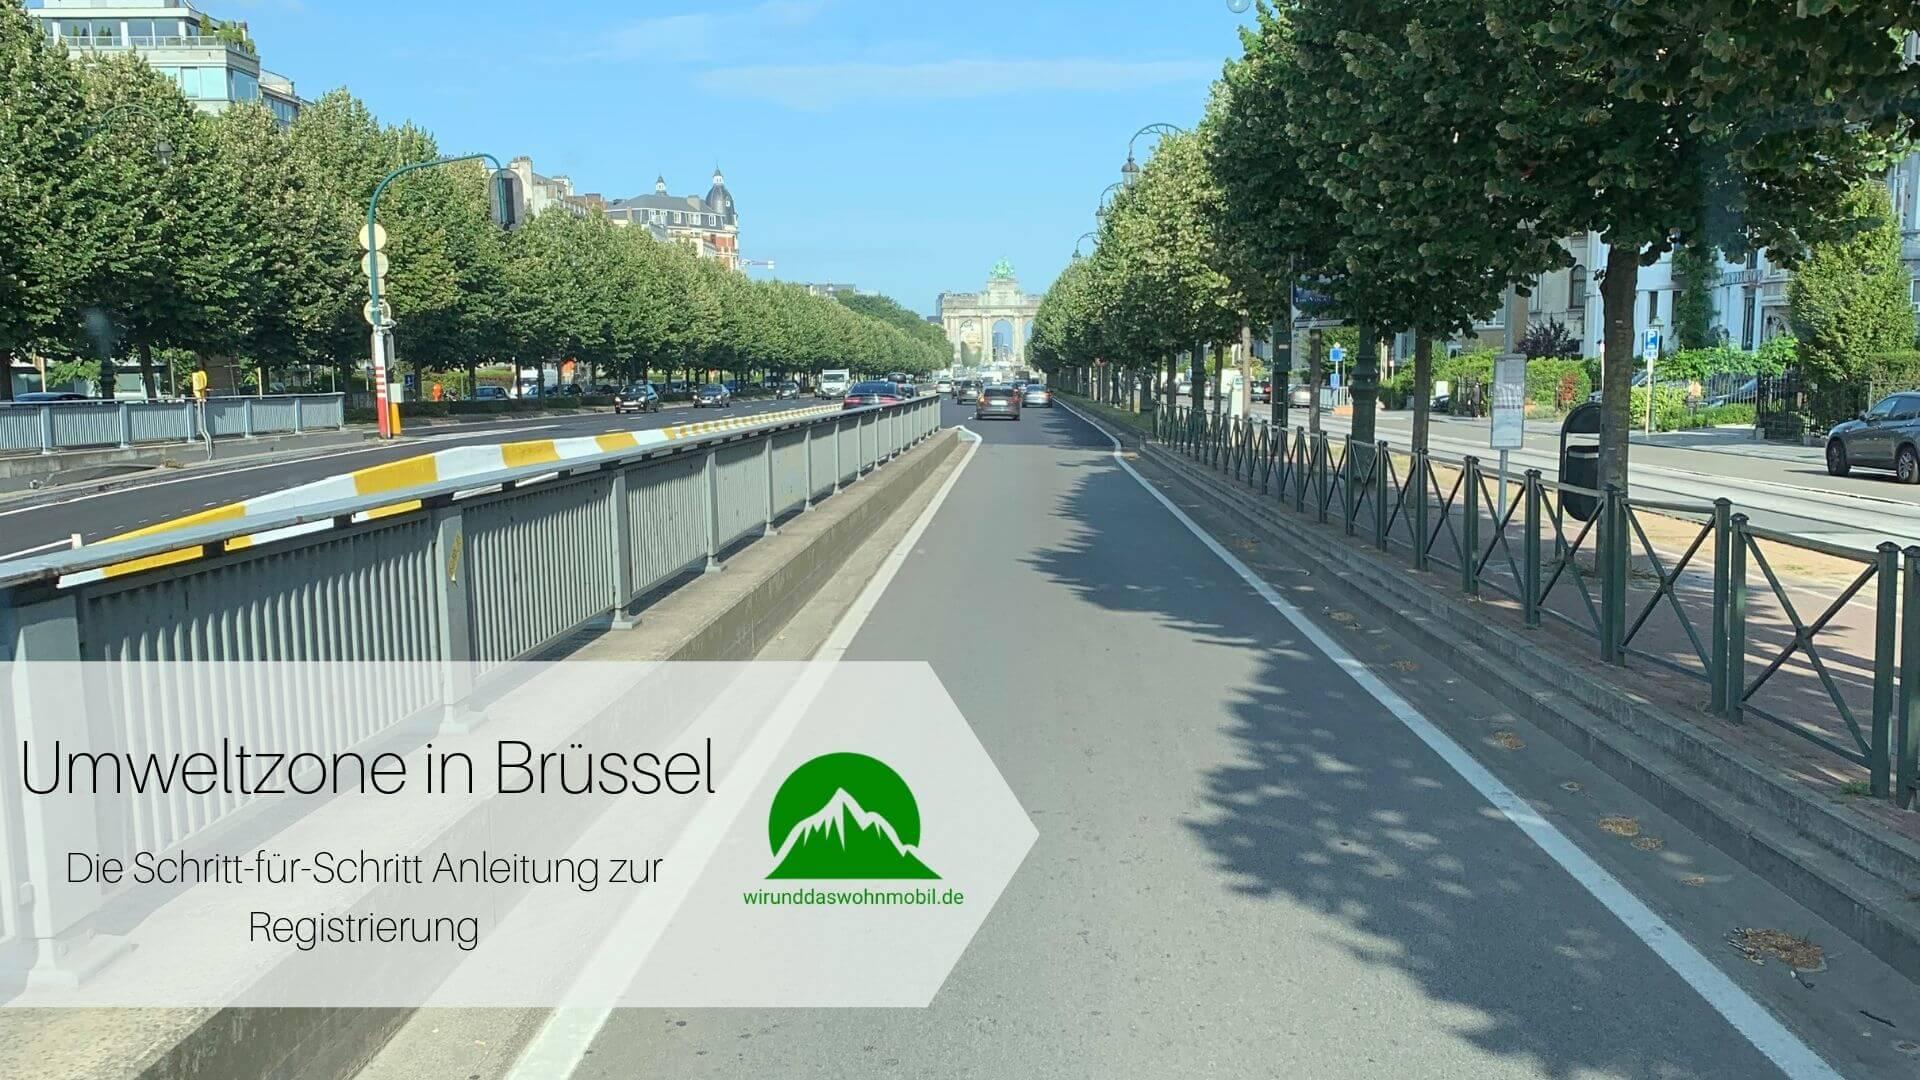 Titelbild Umweltzone Brüssel Mit dem Wohnmobil auf der Straße unterwegs